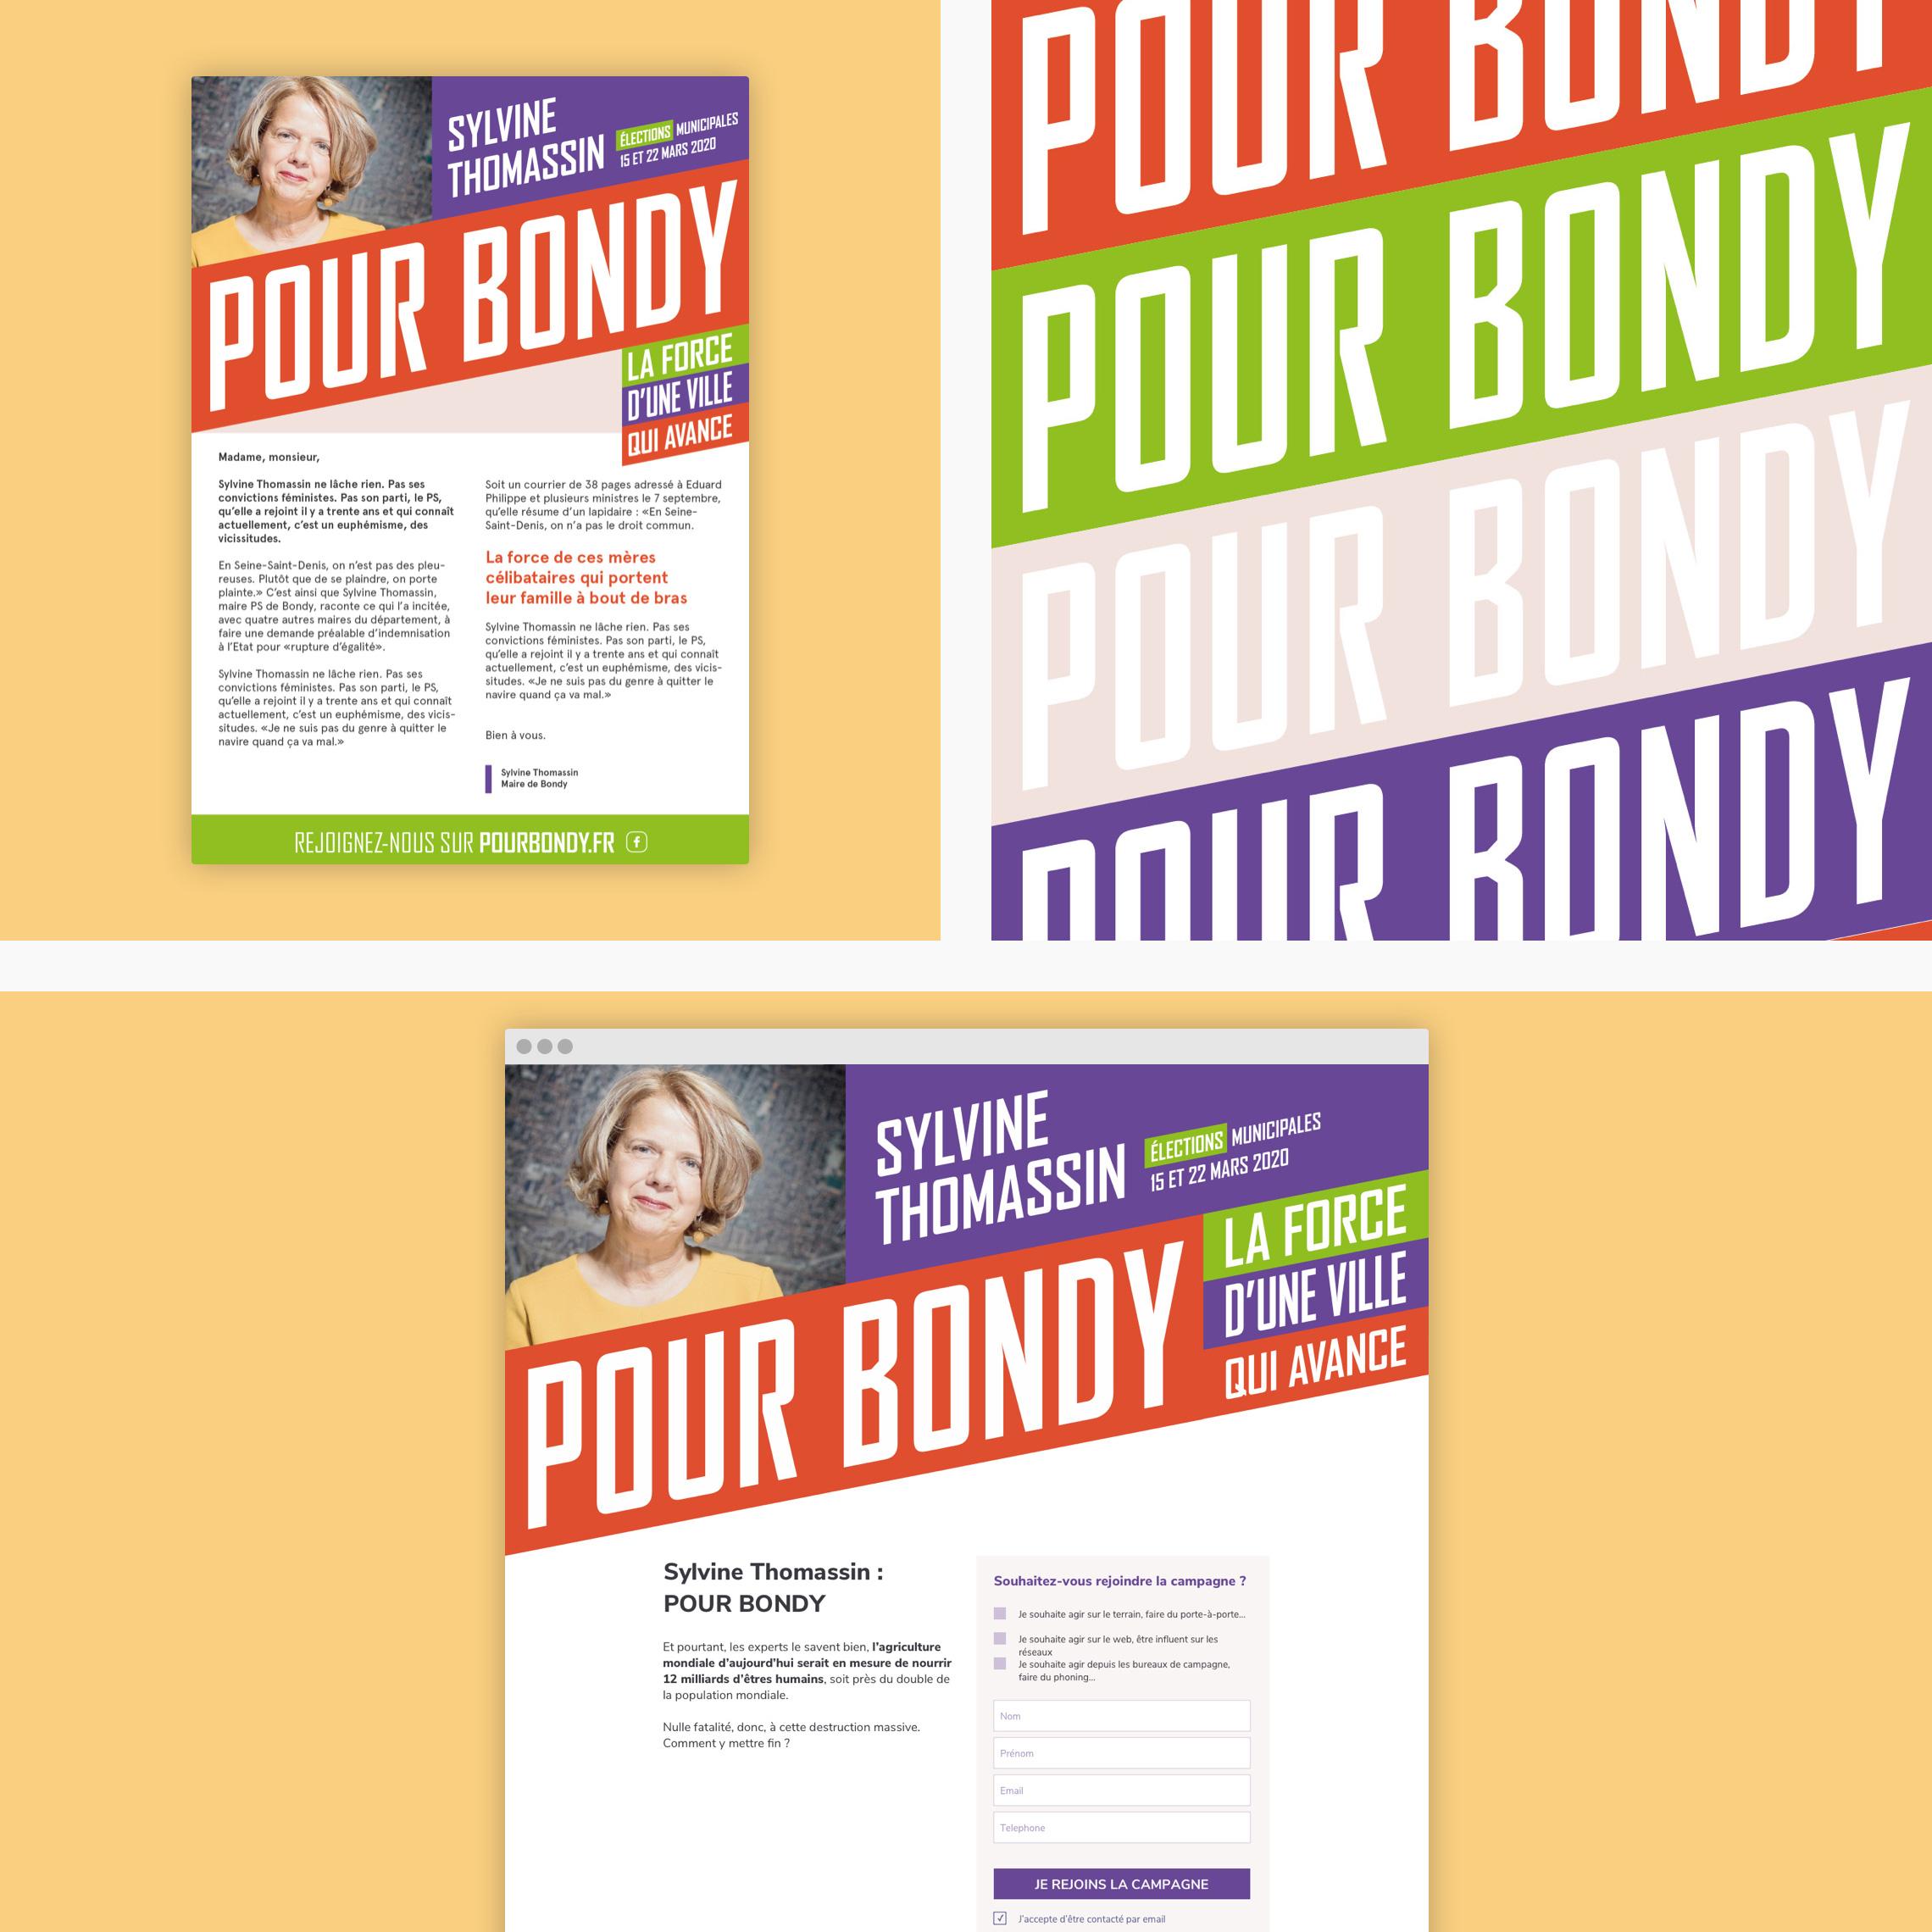 Identité visuelle de la campagne de Bondy